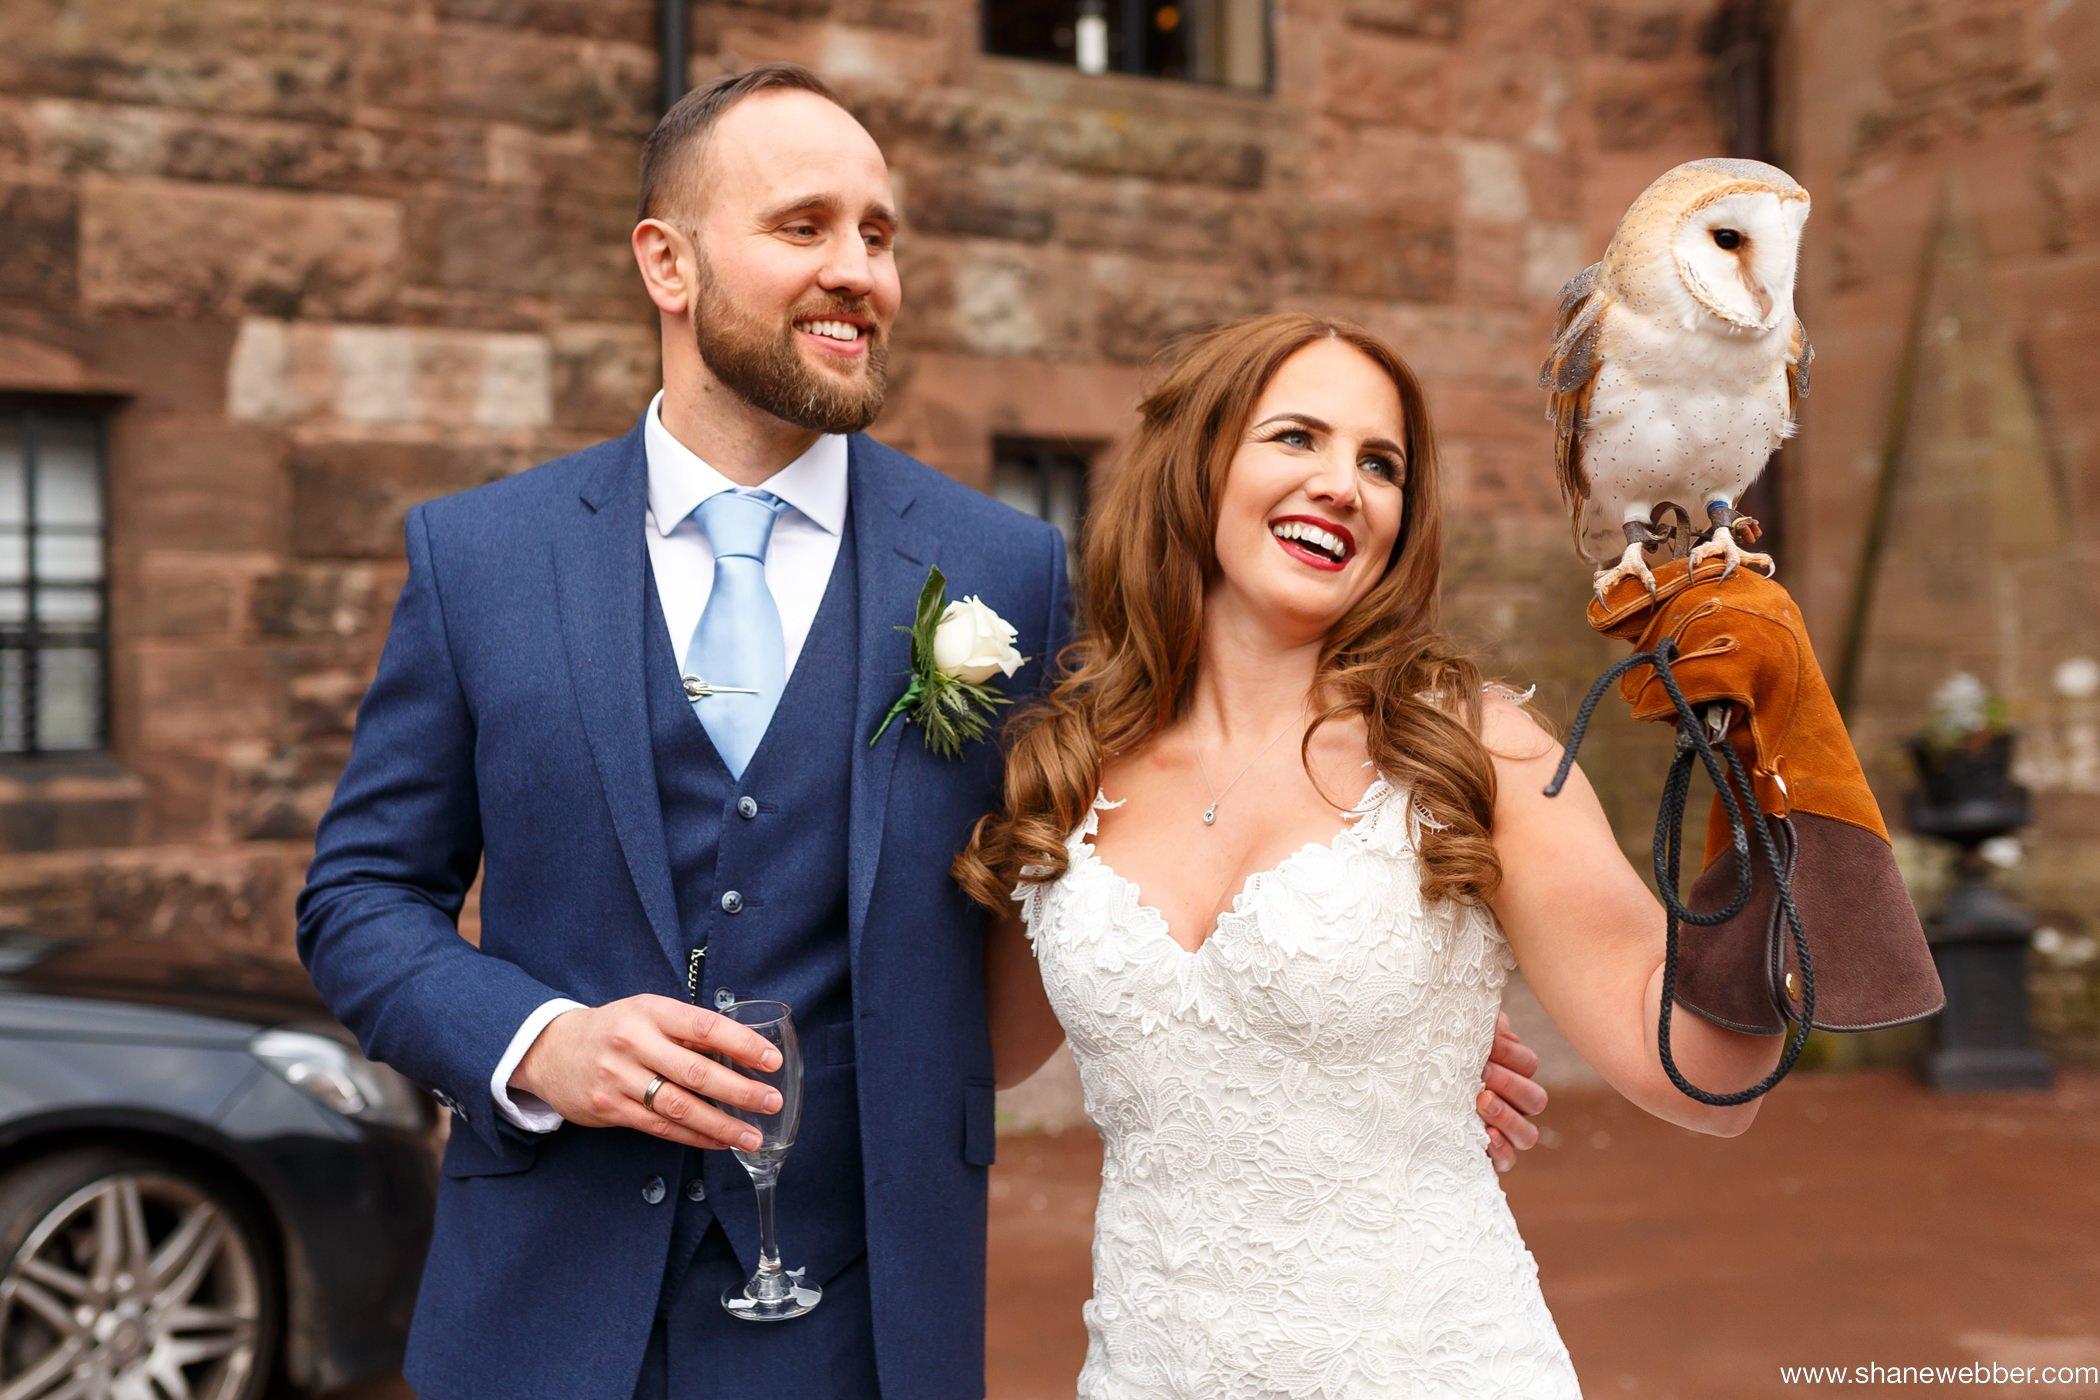 bird of prey wedding ring bearer manchester